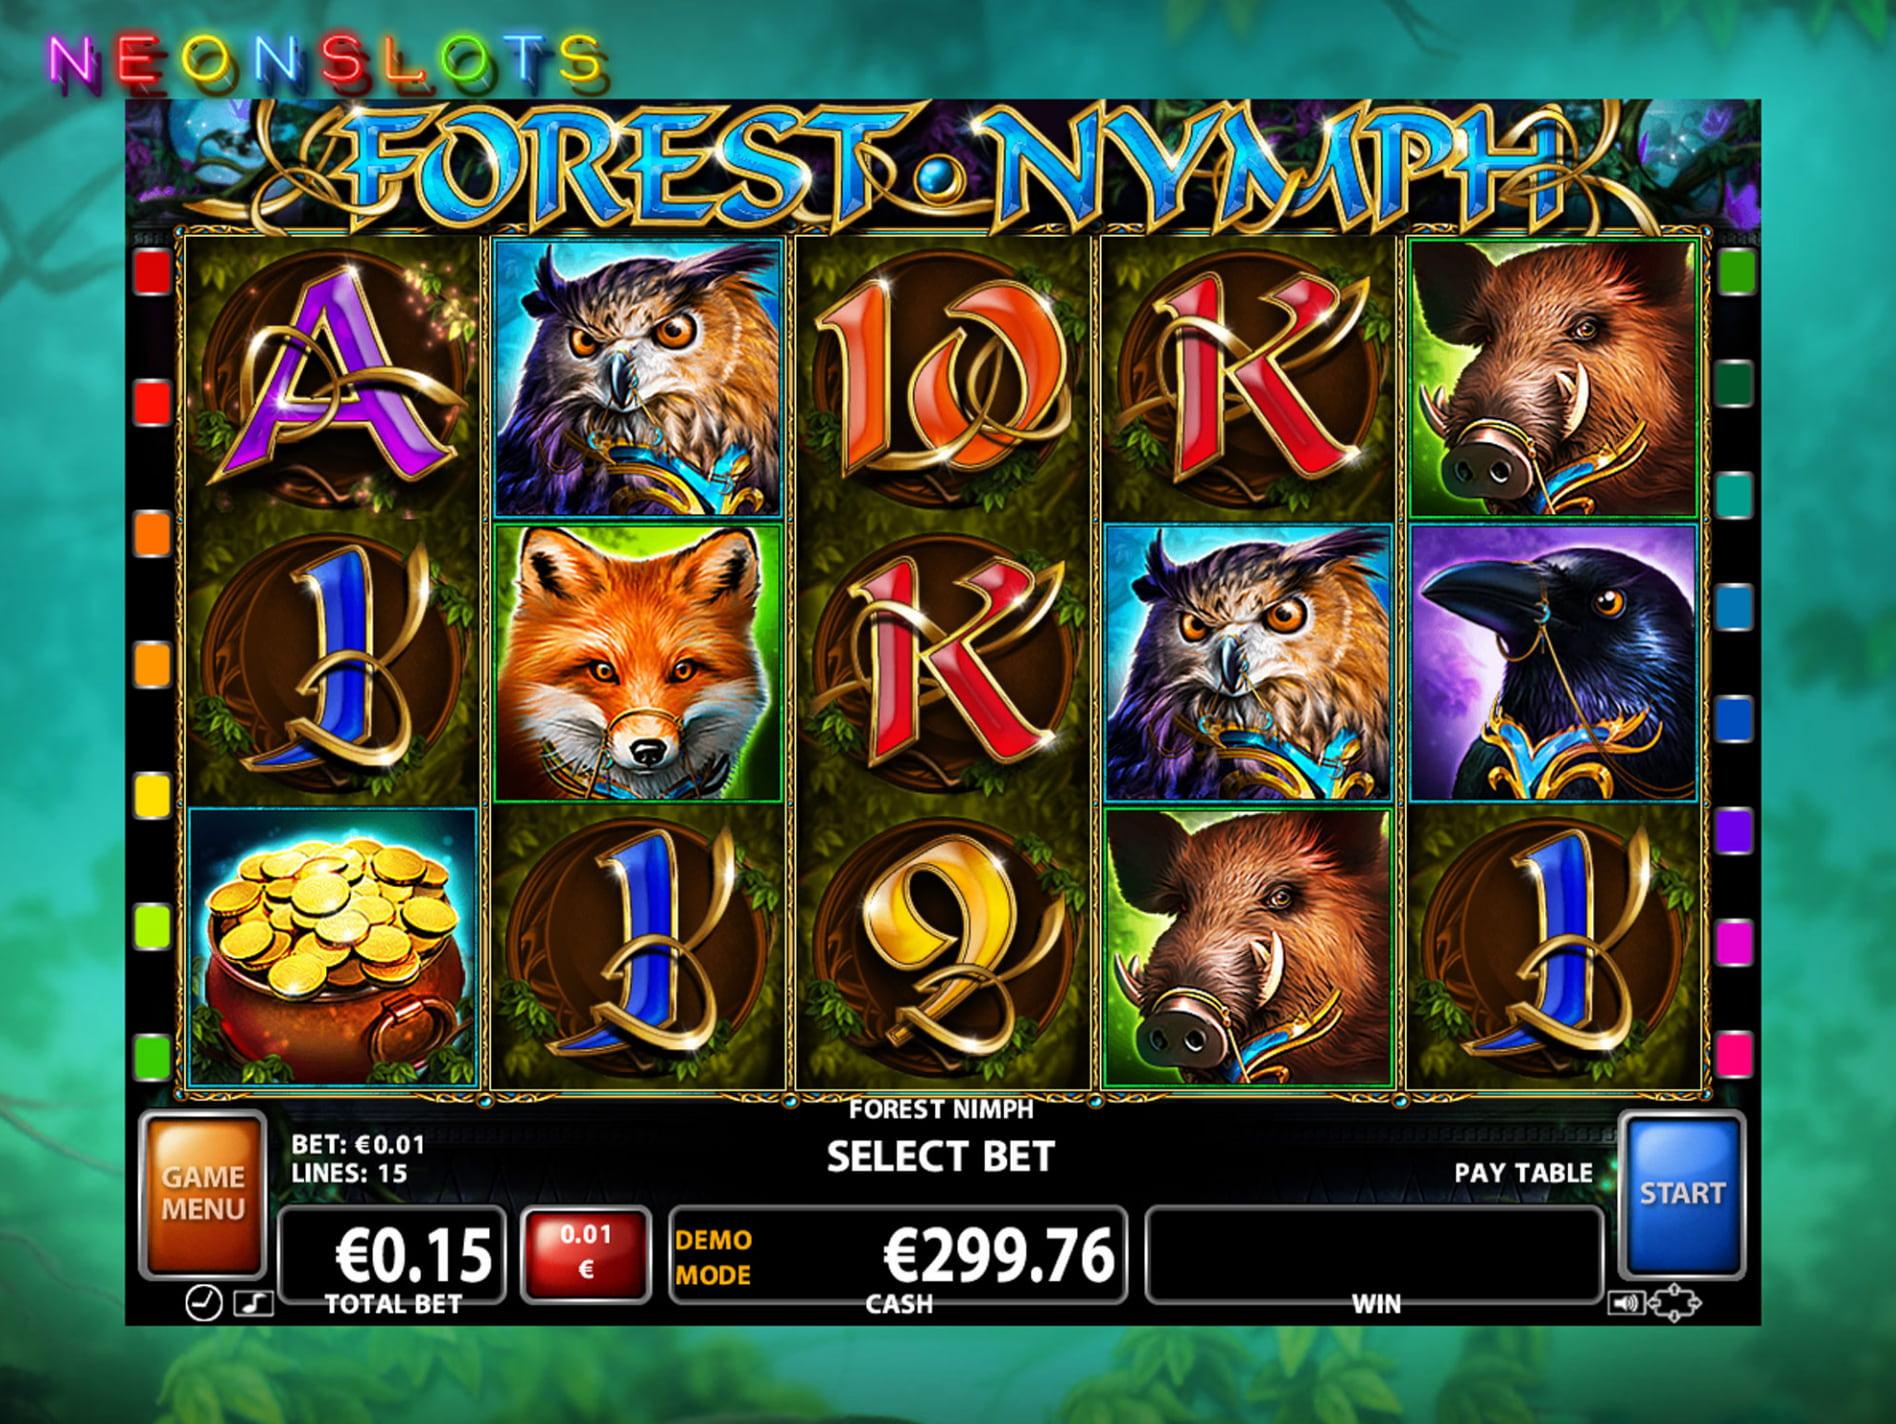 Casino WGS Technology tragamonedas gratis 5 tambores-624322